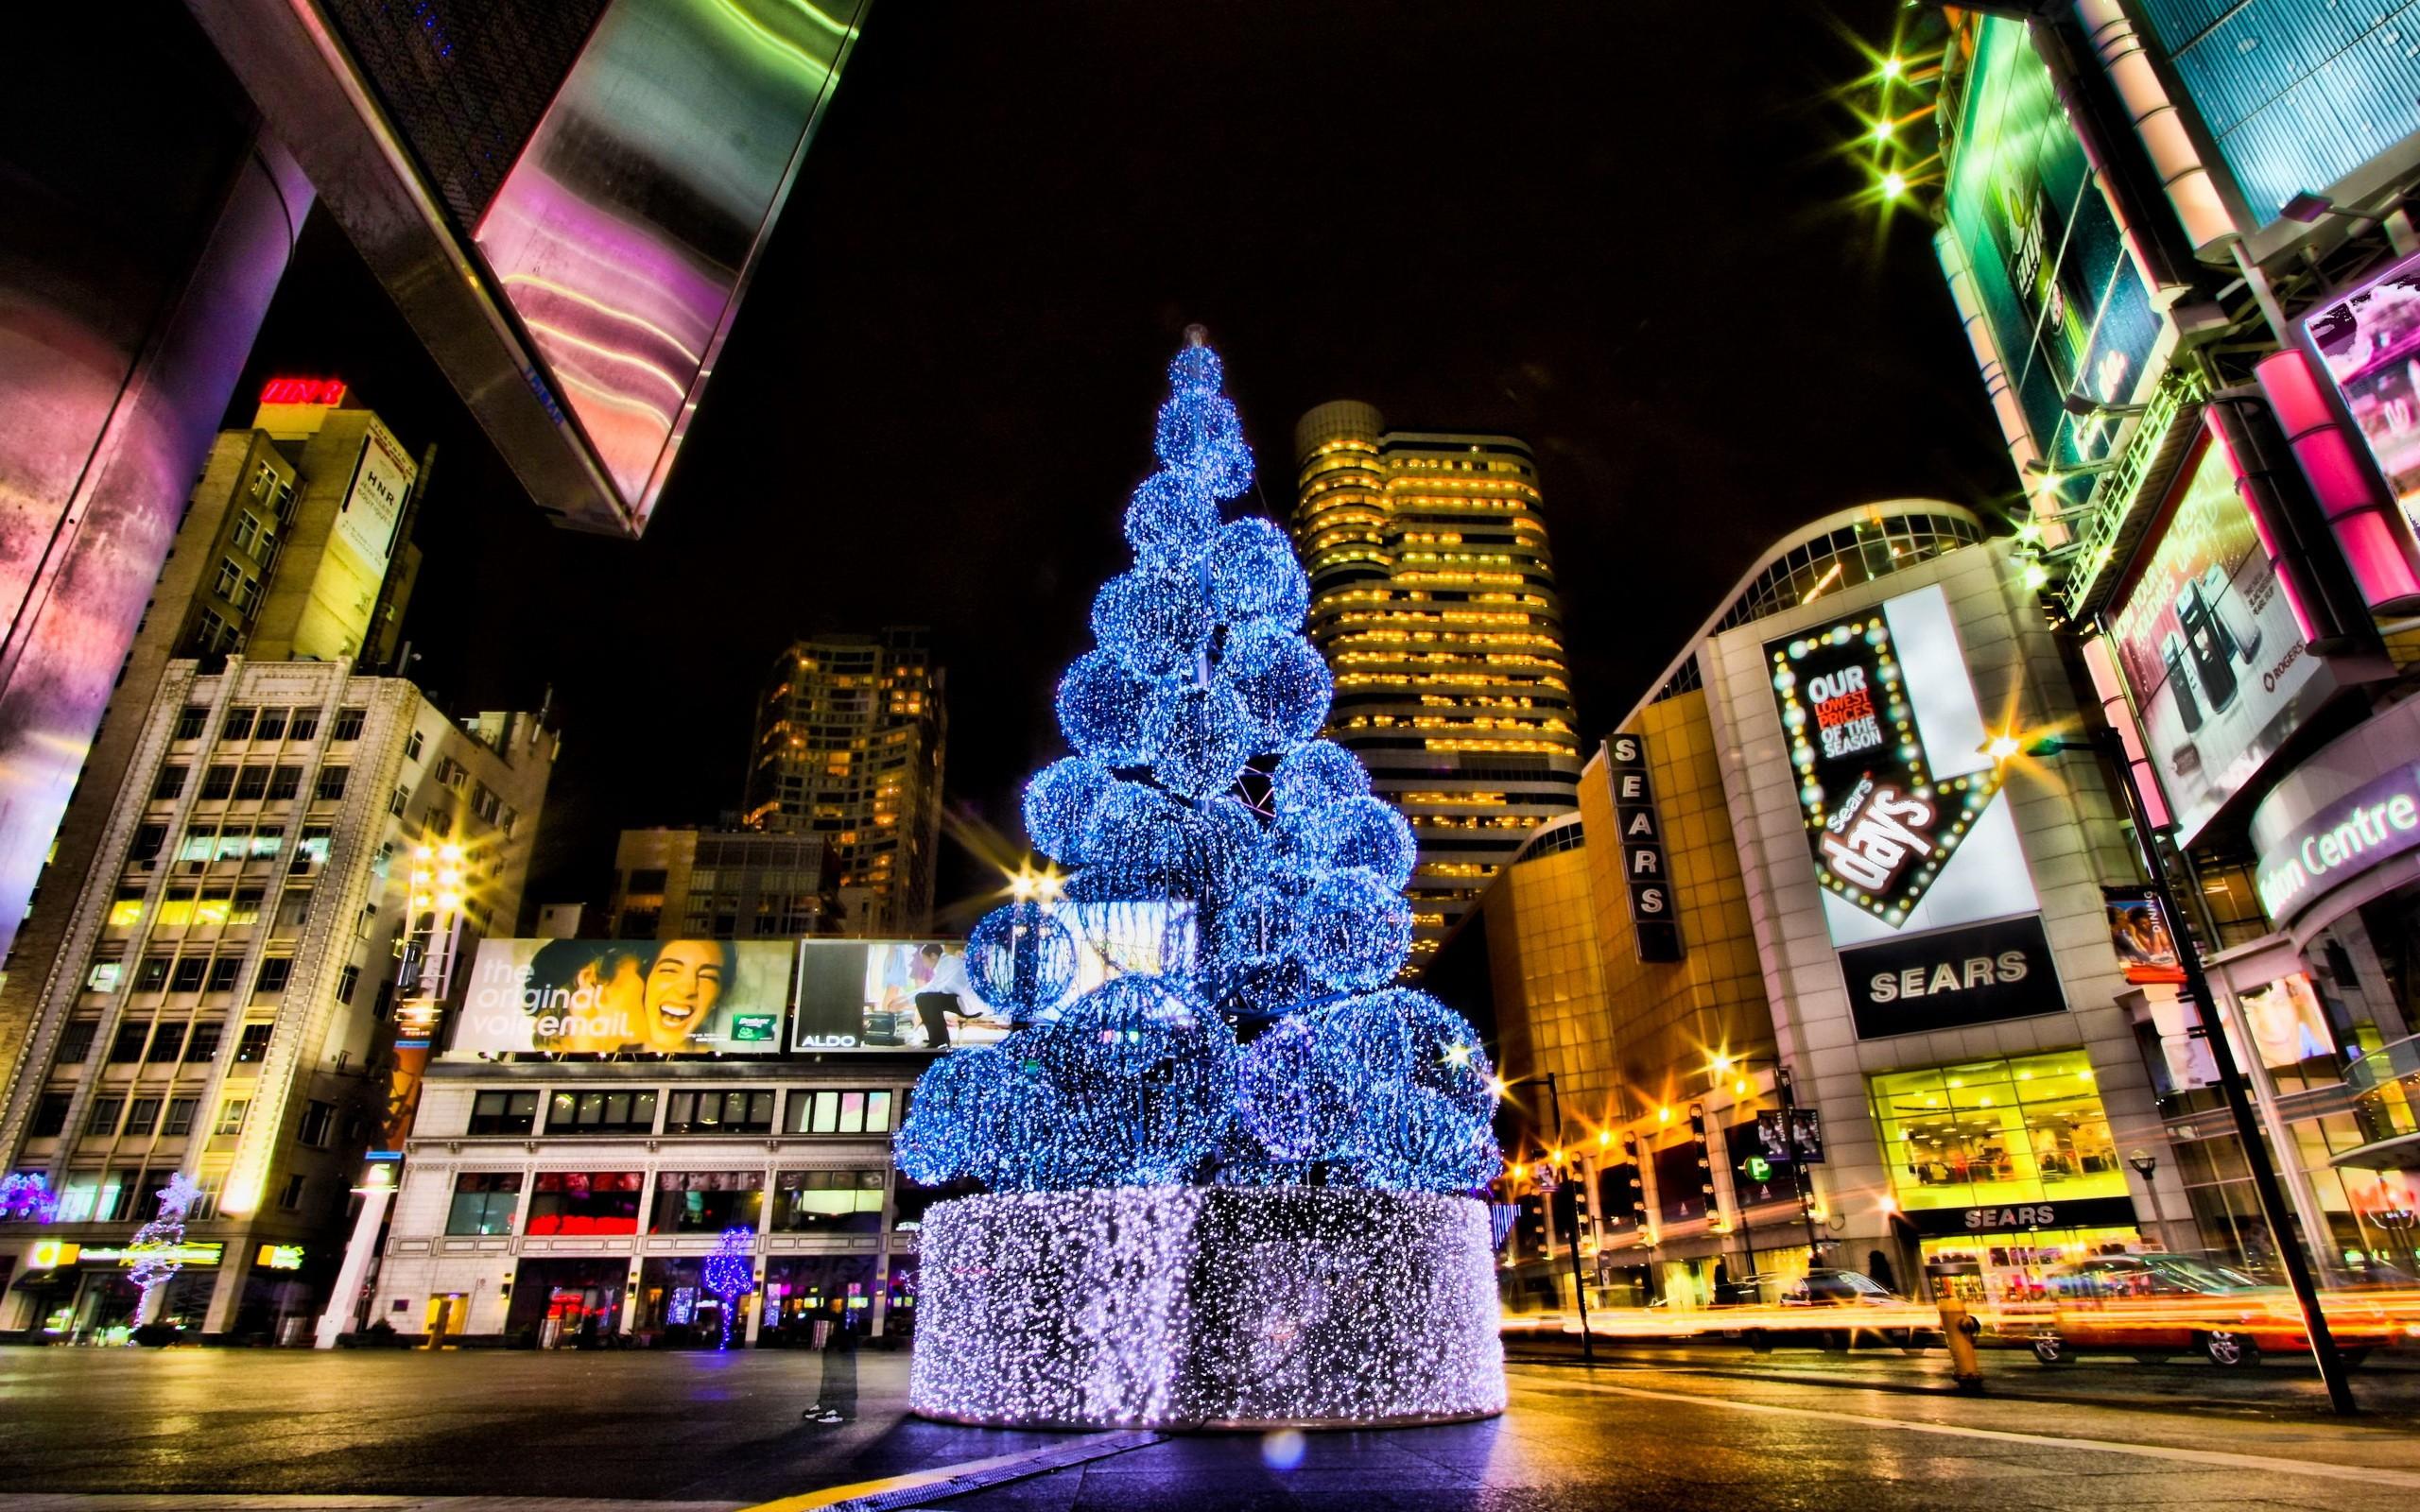 Adorno de navidad en ciudad - 2560x1600